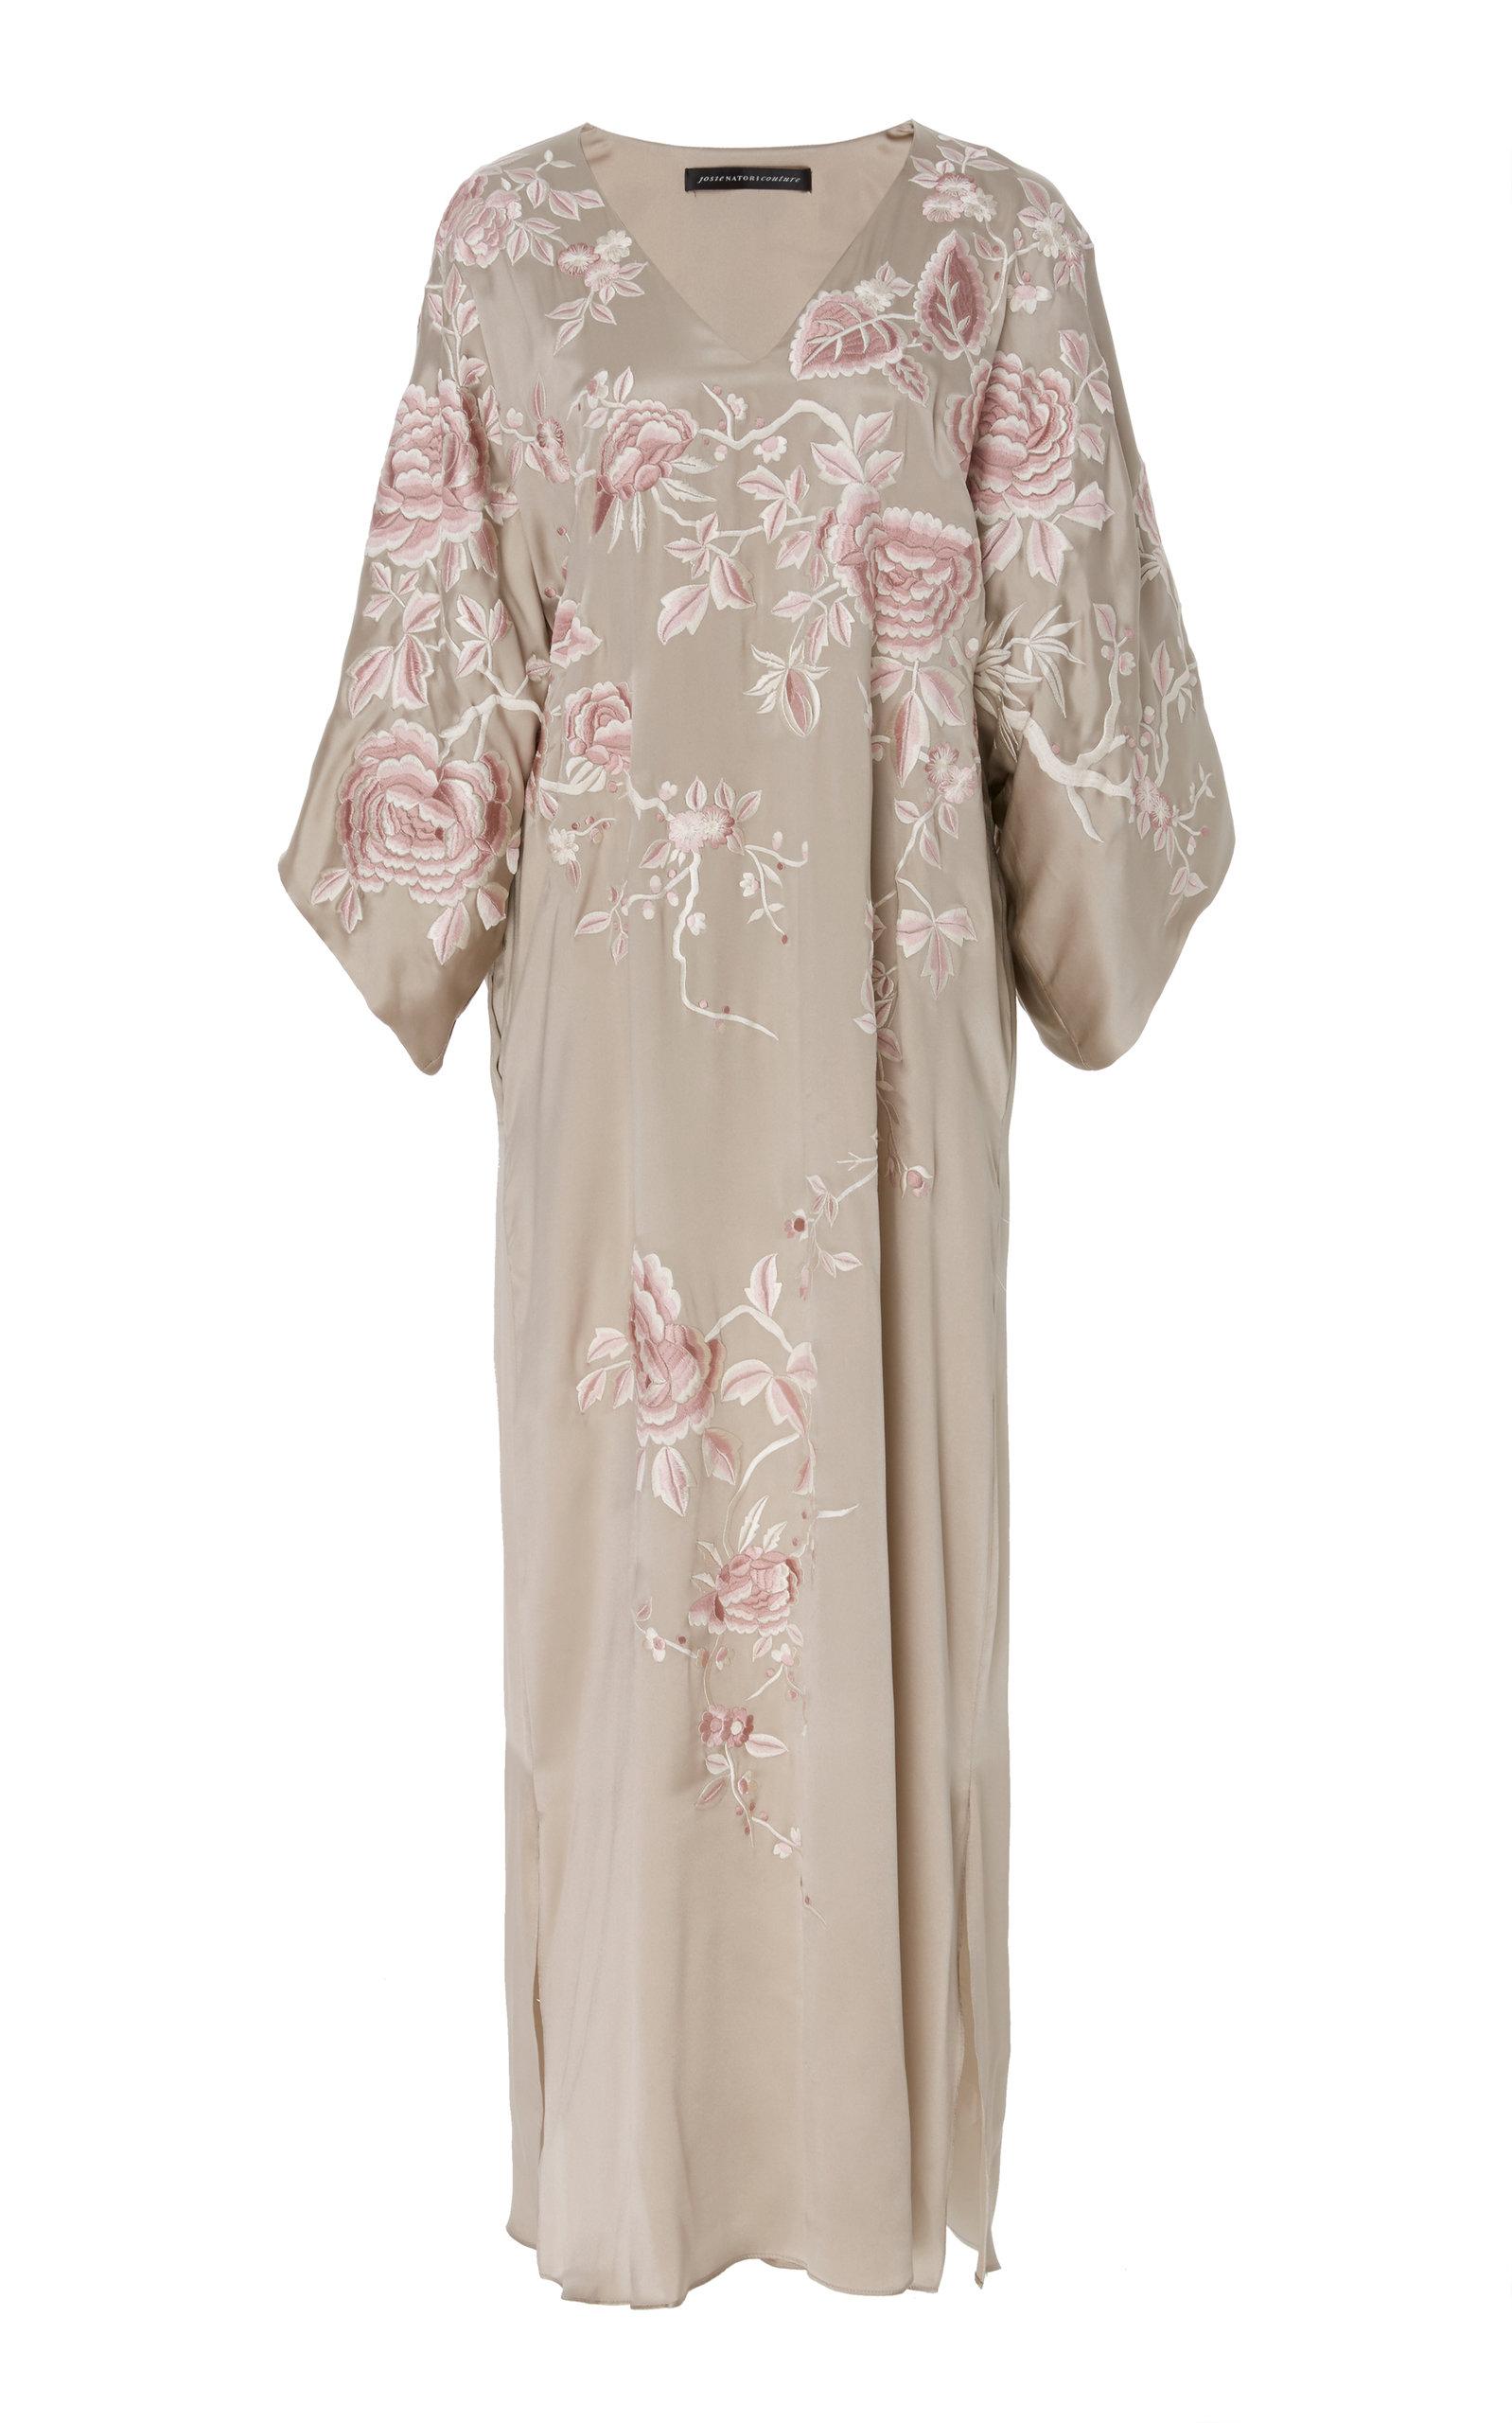 4deb19f54c Josie Natori Couture Kimono Caftan In Print